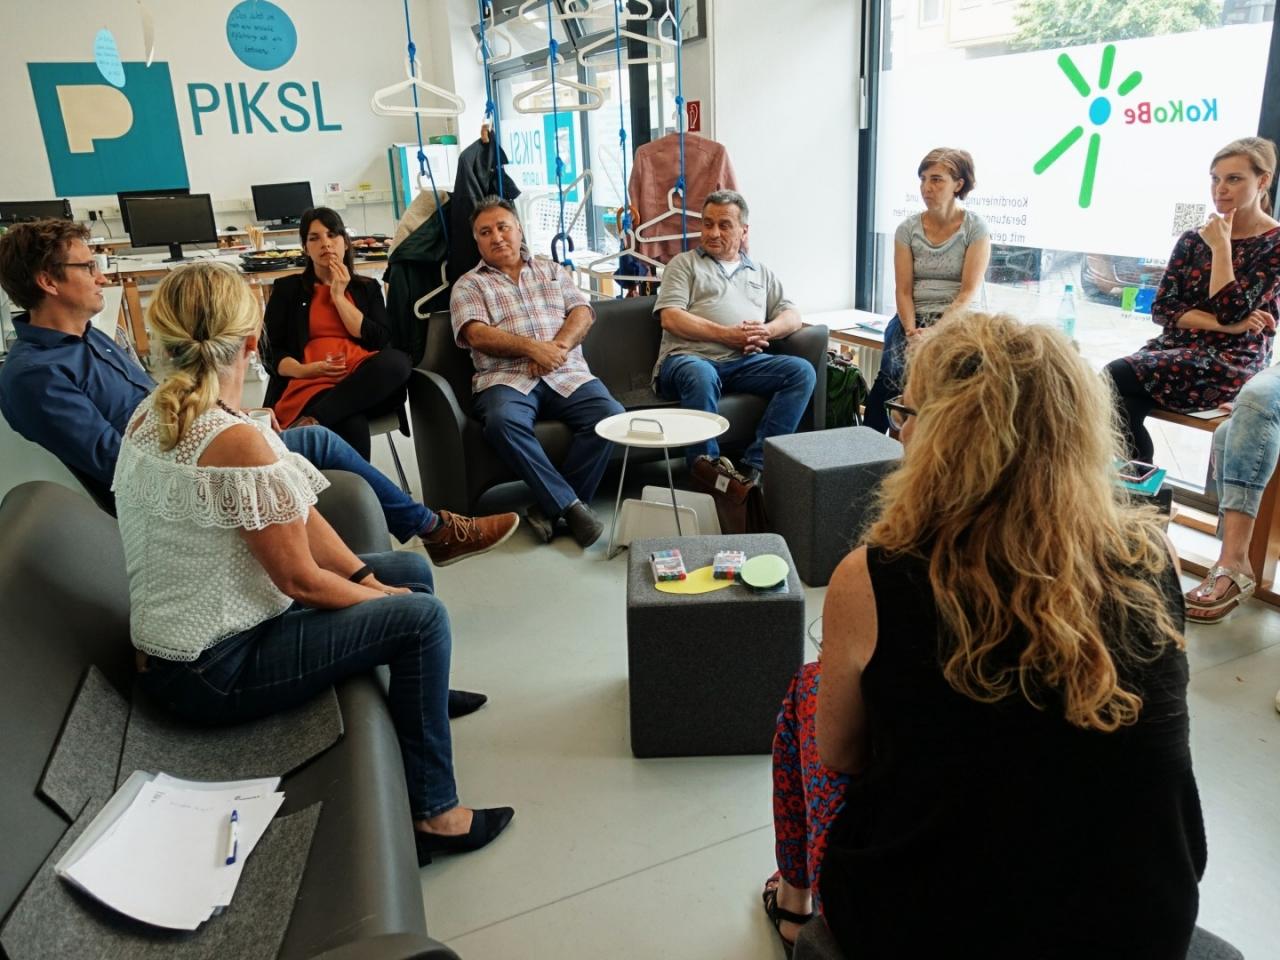 Die Leuchtturmprojekte haben sich regional in Berlin und Düsseldorf getroffen. In mehreren Austauschrunden haben sie sich ausgetauscht und informiert.